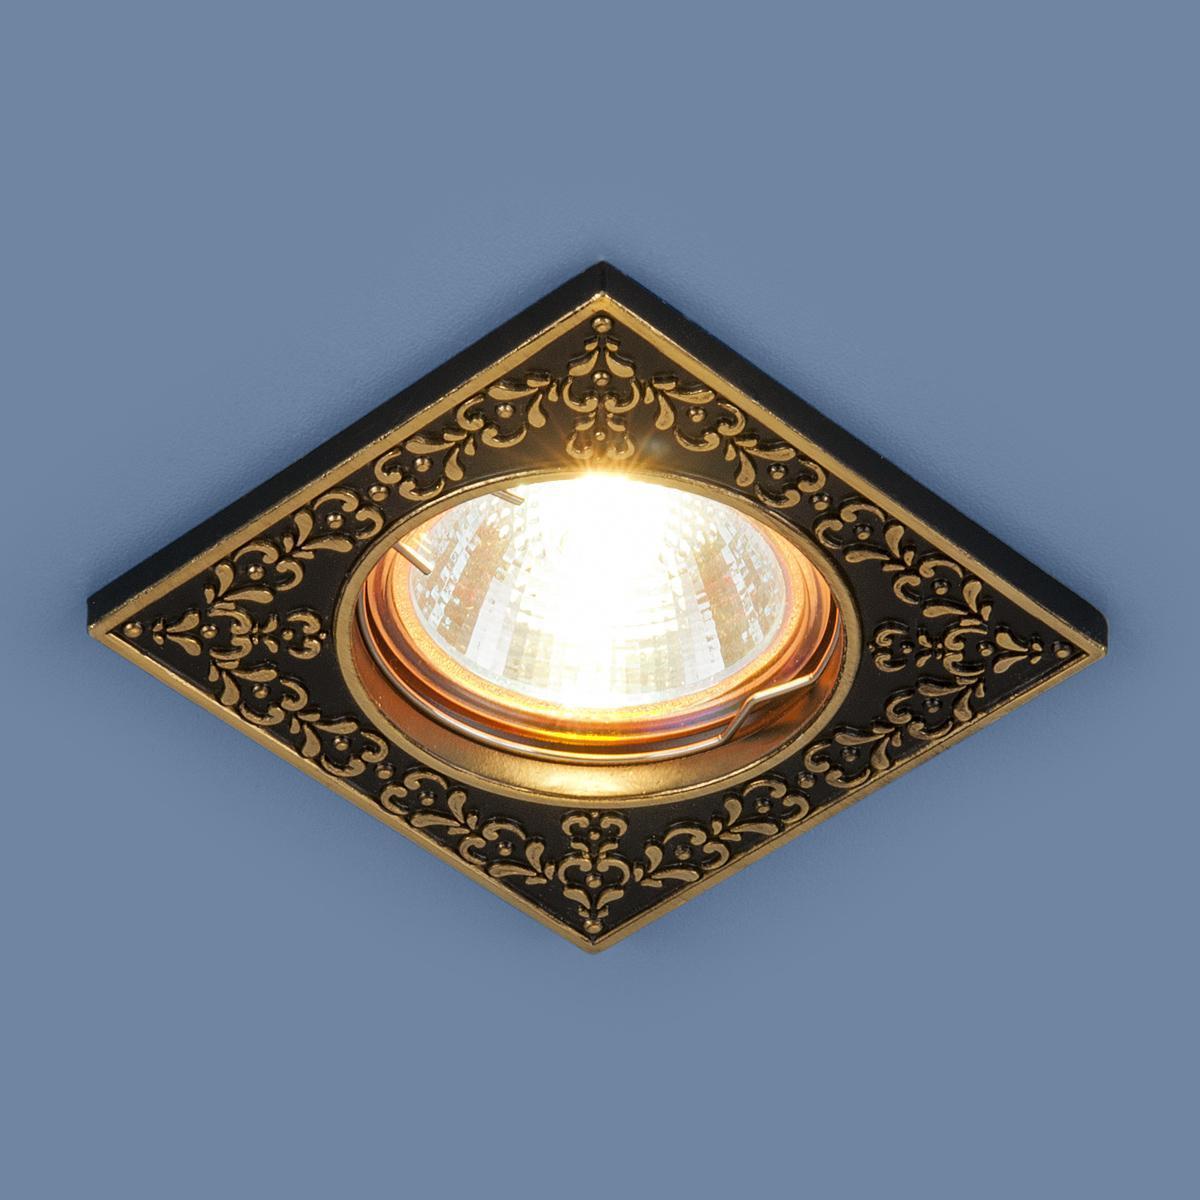 Встраиваемый светильник Elektrostandard 120071 MR16 BK/GD черный/золото 4690389060335 светильник встраиваемый акцент 16001ba жемчужное золото золото